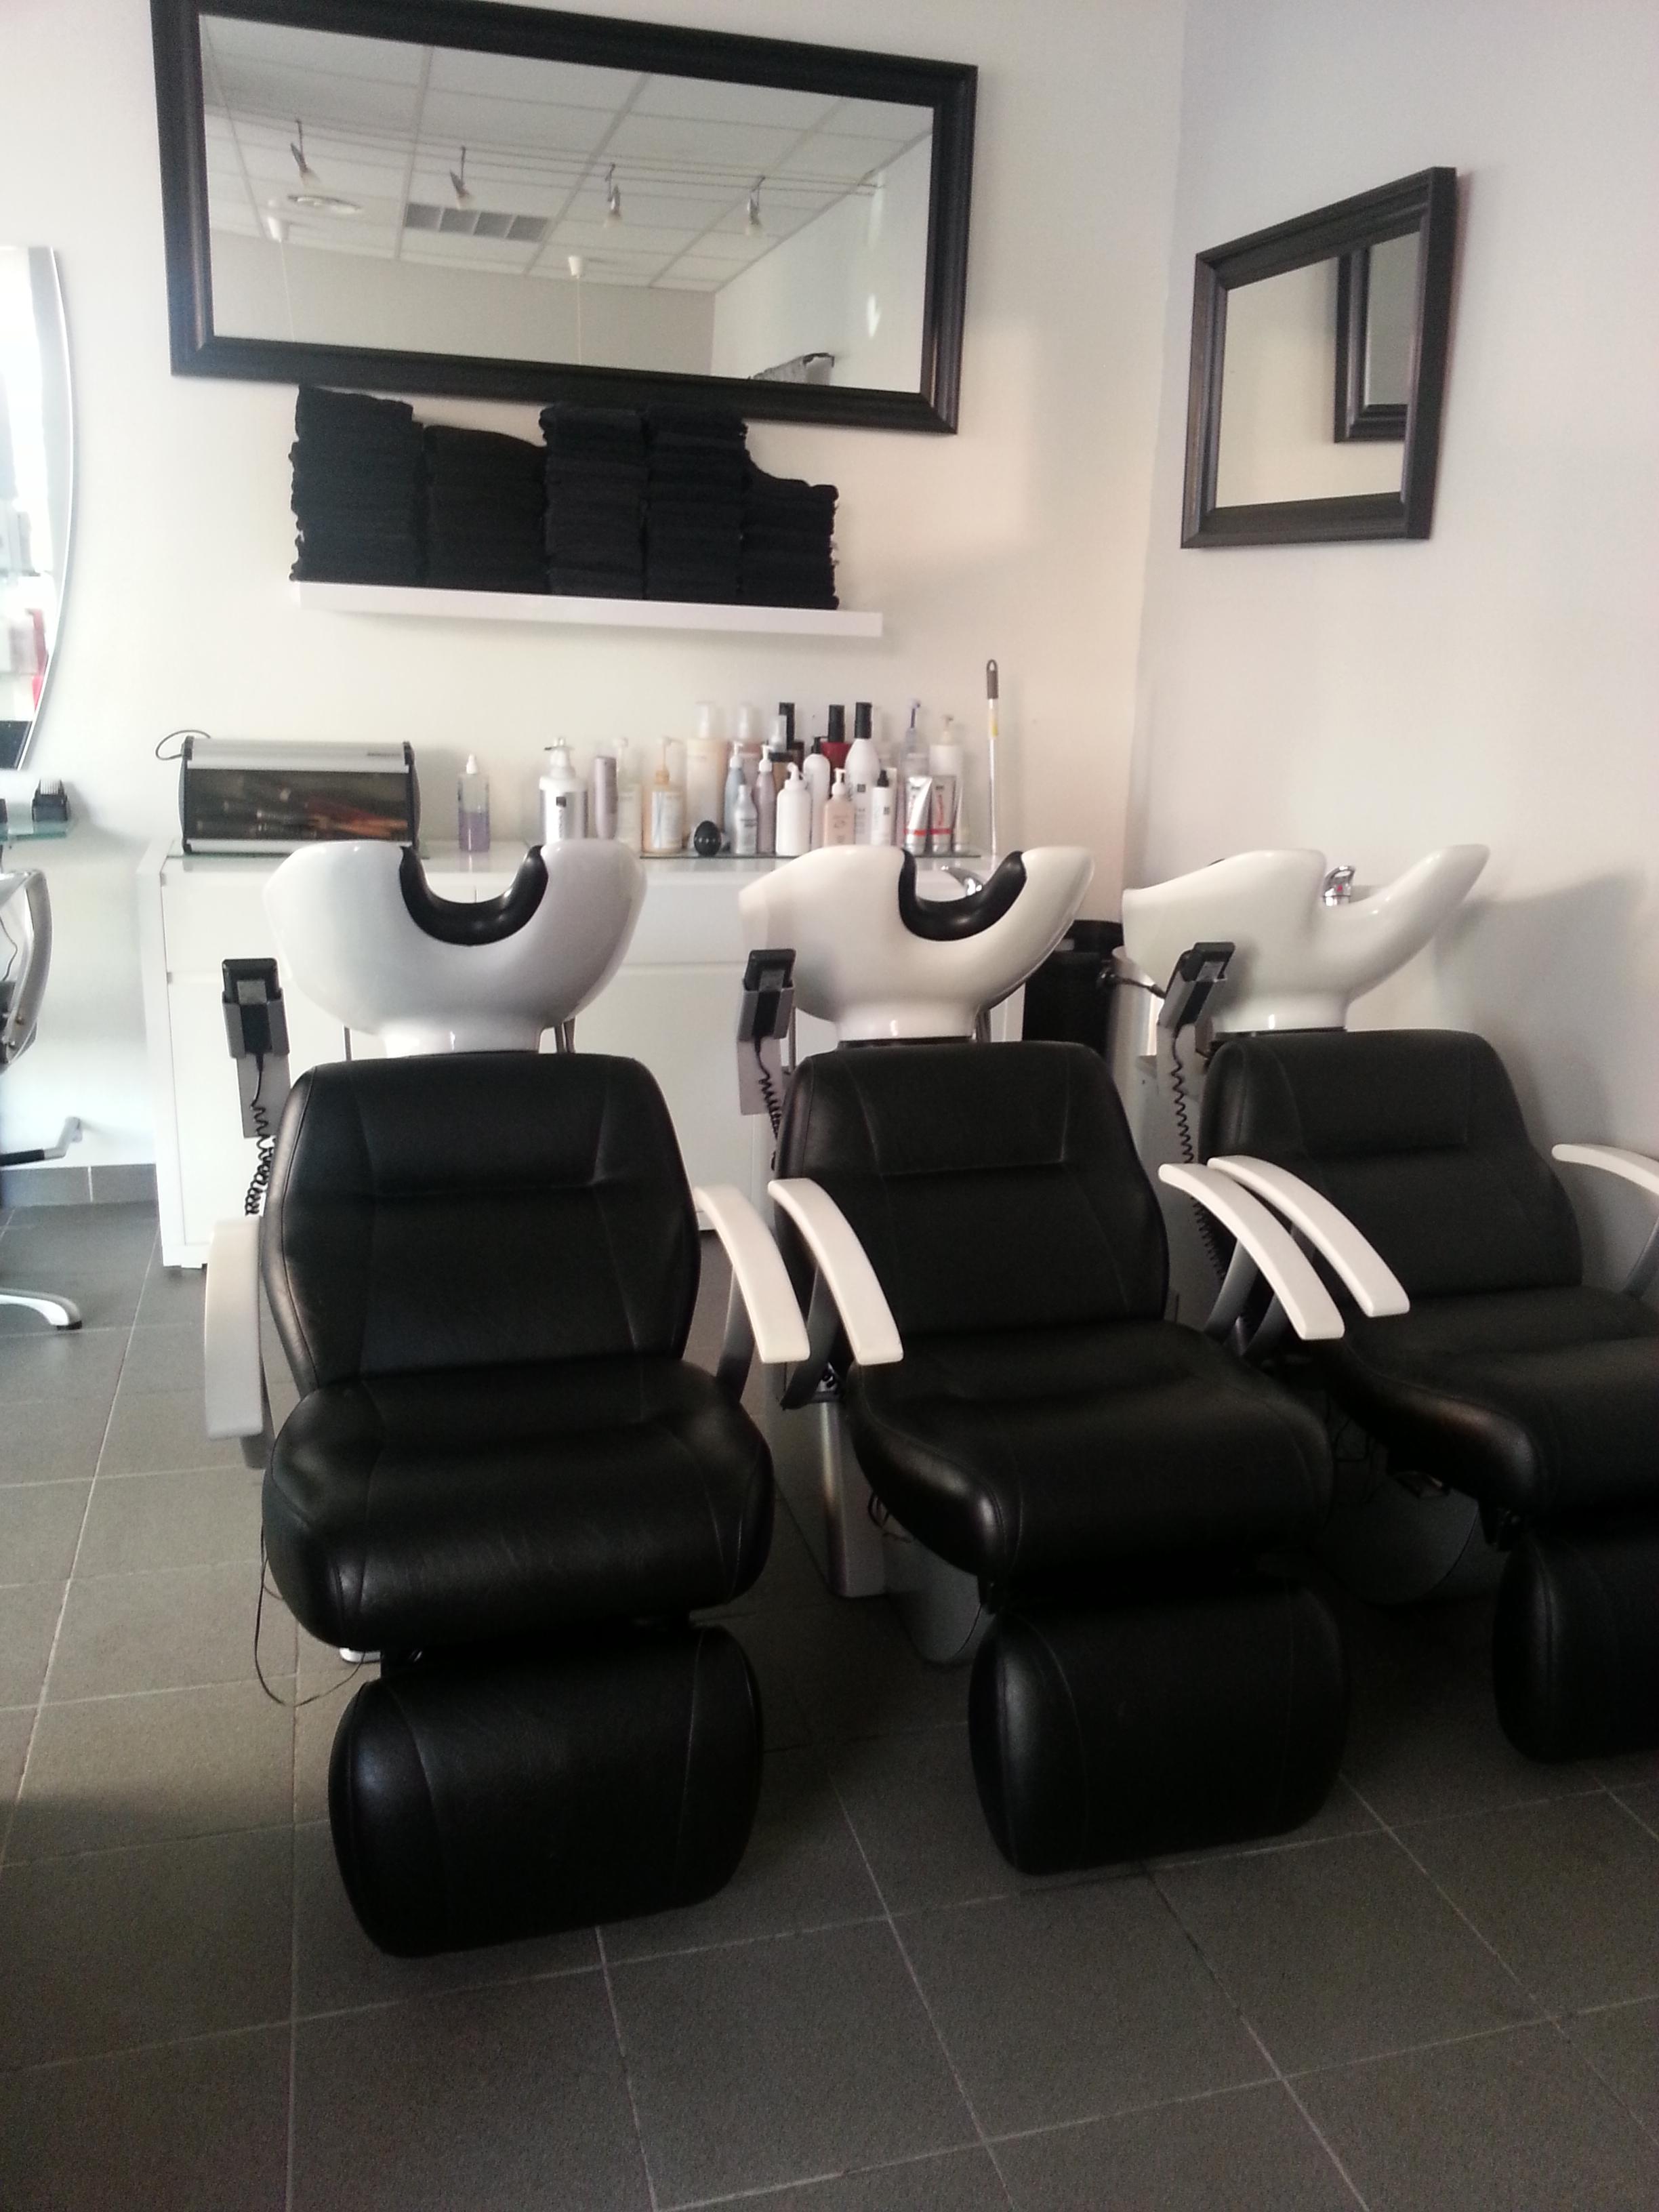 Accessoire coiffure reims votre nouveau blog l gant for Salon o coiffure reims